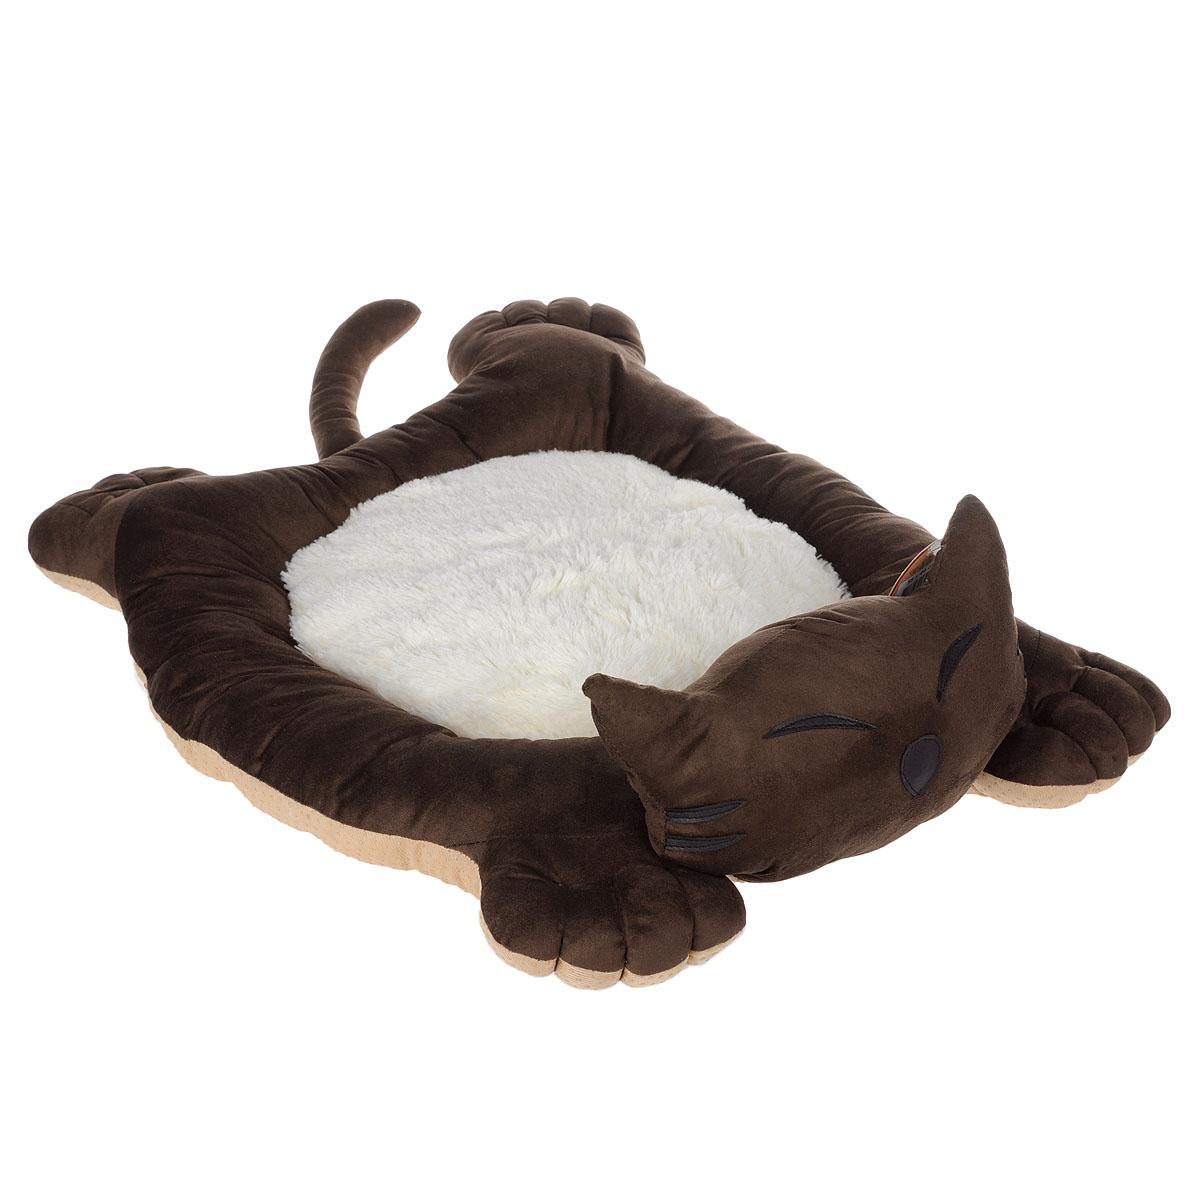 Лежак для собак и кошек I.P.T.S. Sylvester, цвет: коричневый, белый, 56 см х 44 см х 14,5 см19208Мягкий и уютный лежак для кошек и собак I.P.T.S. Sylvester обязательно понравится вашему питомцу. Лежак выполнен в виде кота. Он изготовлен из нежного, приятного материала. Внутри - мягкий наполнитель, который не теряет своей формы долгое время.Мягкий, приятный и теплый лежак обеспечит вашему любимцу уют и комфорт. Подходит как для кошек, так и для маленьких, карликовых пород собак.За изделием легко ухаживать, можно стирать вручную или в стиральной машине при температуре 30°С. Материал бортиков: искусственная замша.Материал матрасика: плюш.Наполнитель: полифибер.Товар сертифицирован.